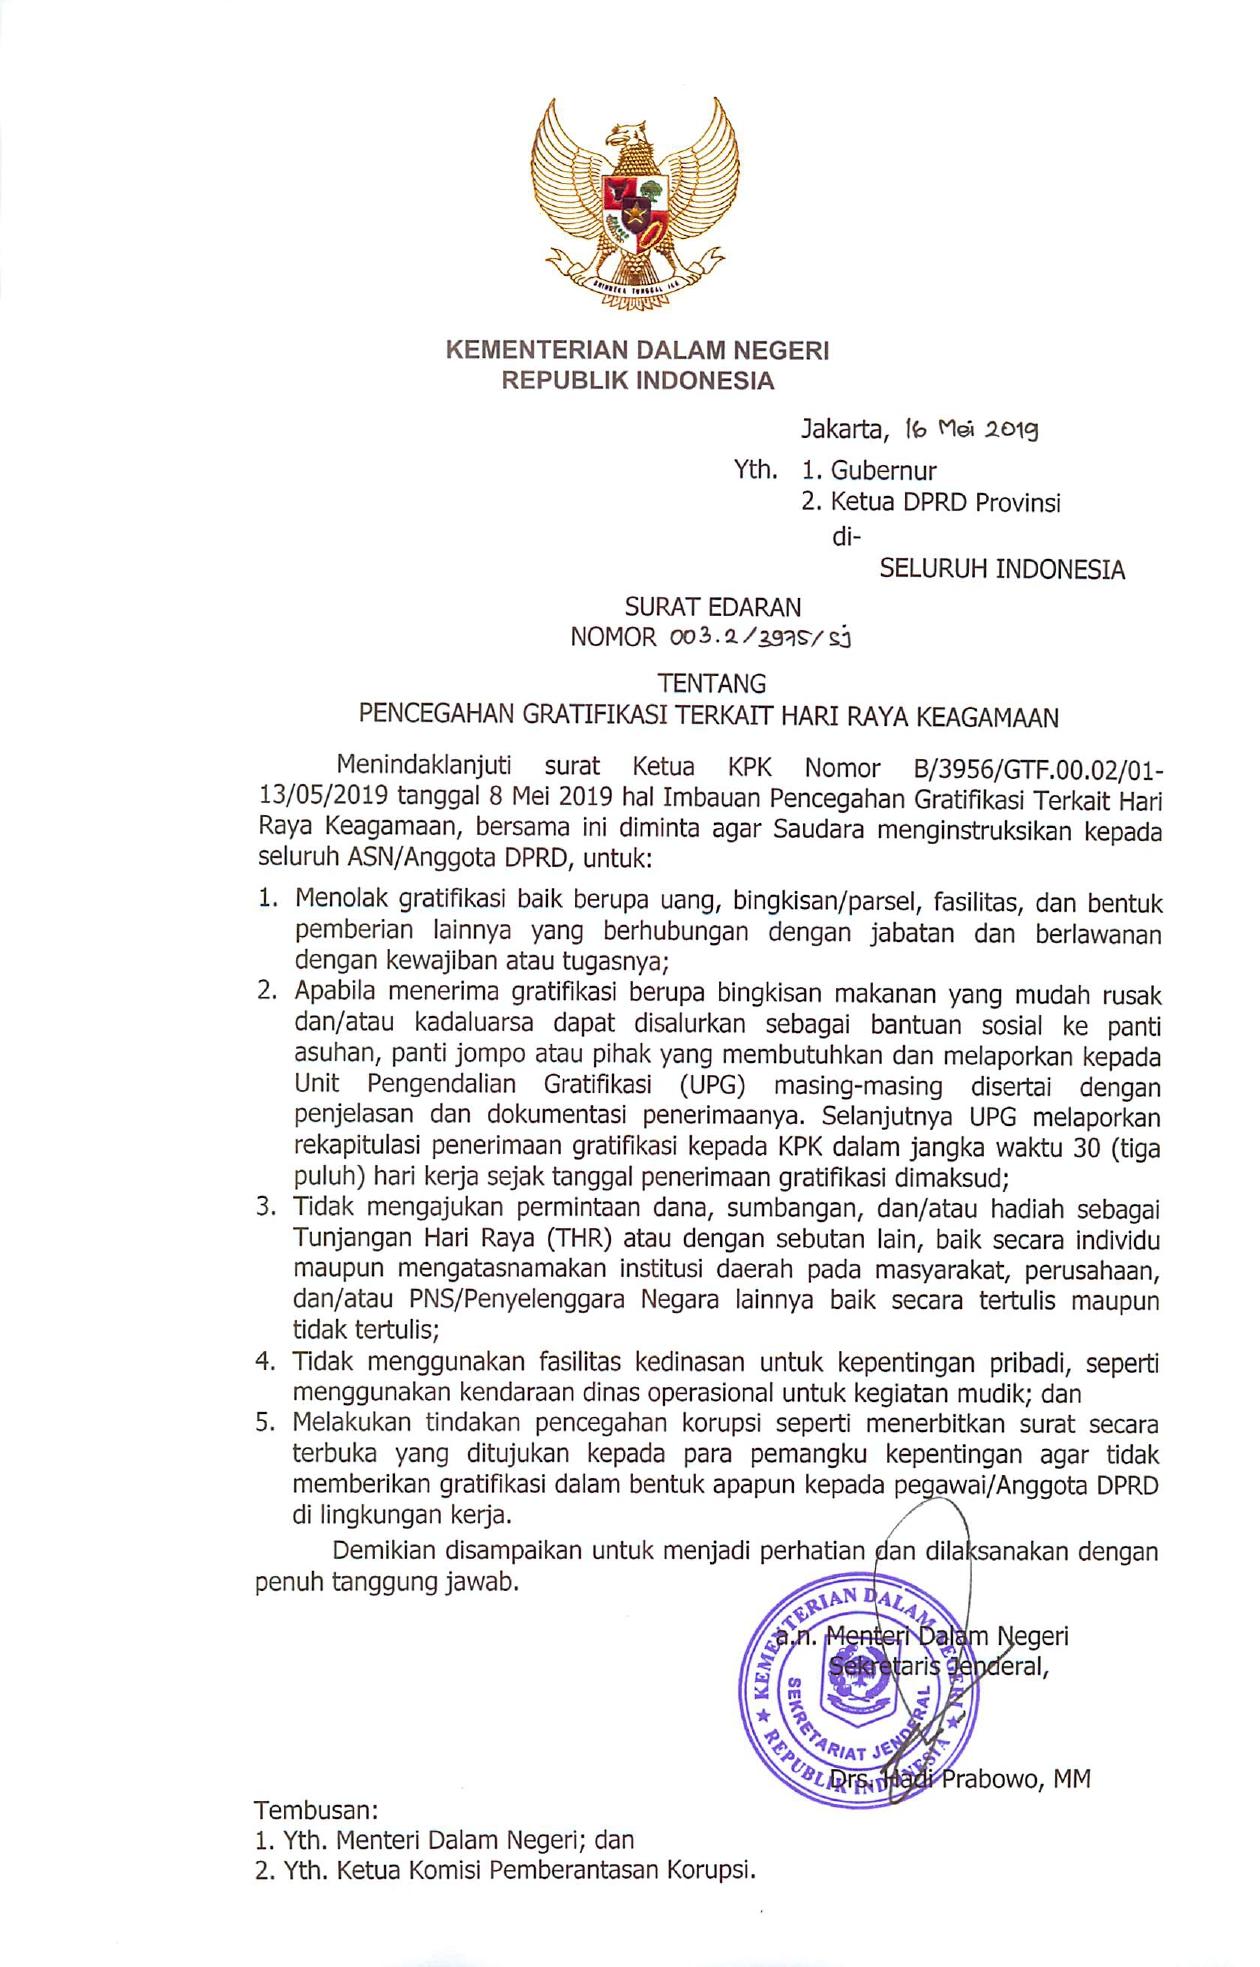 Kemendagri Larang ASN & Anggota DPRD Terima Gratifikasi Lebaran, Apa Saja?